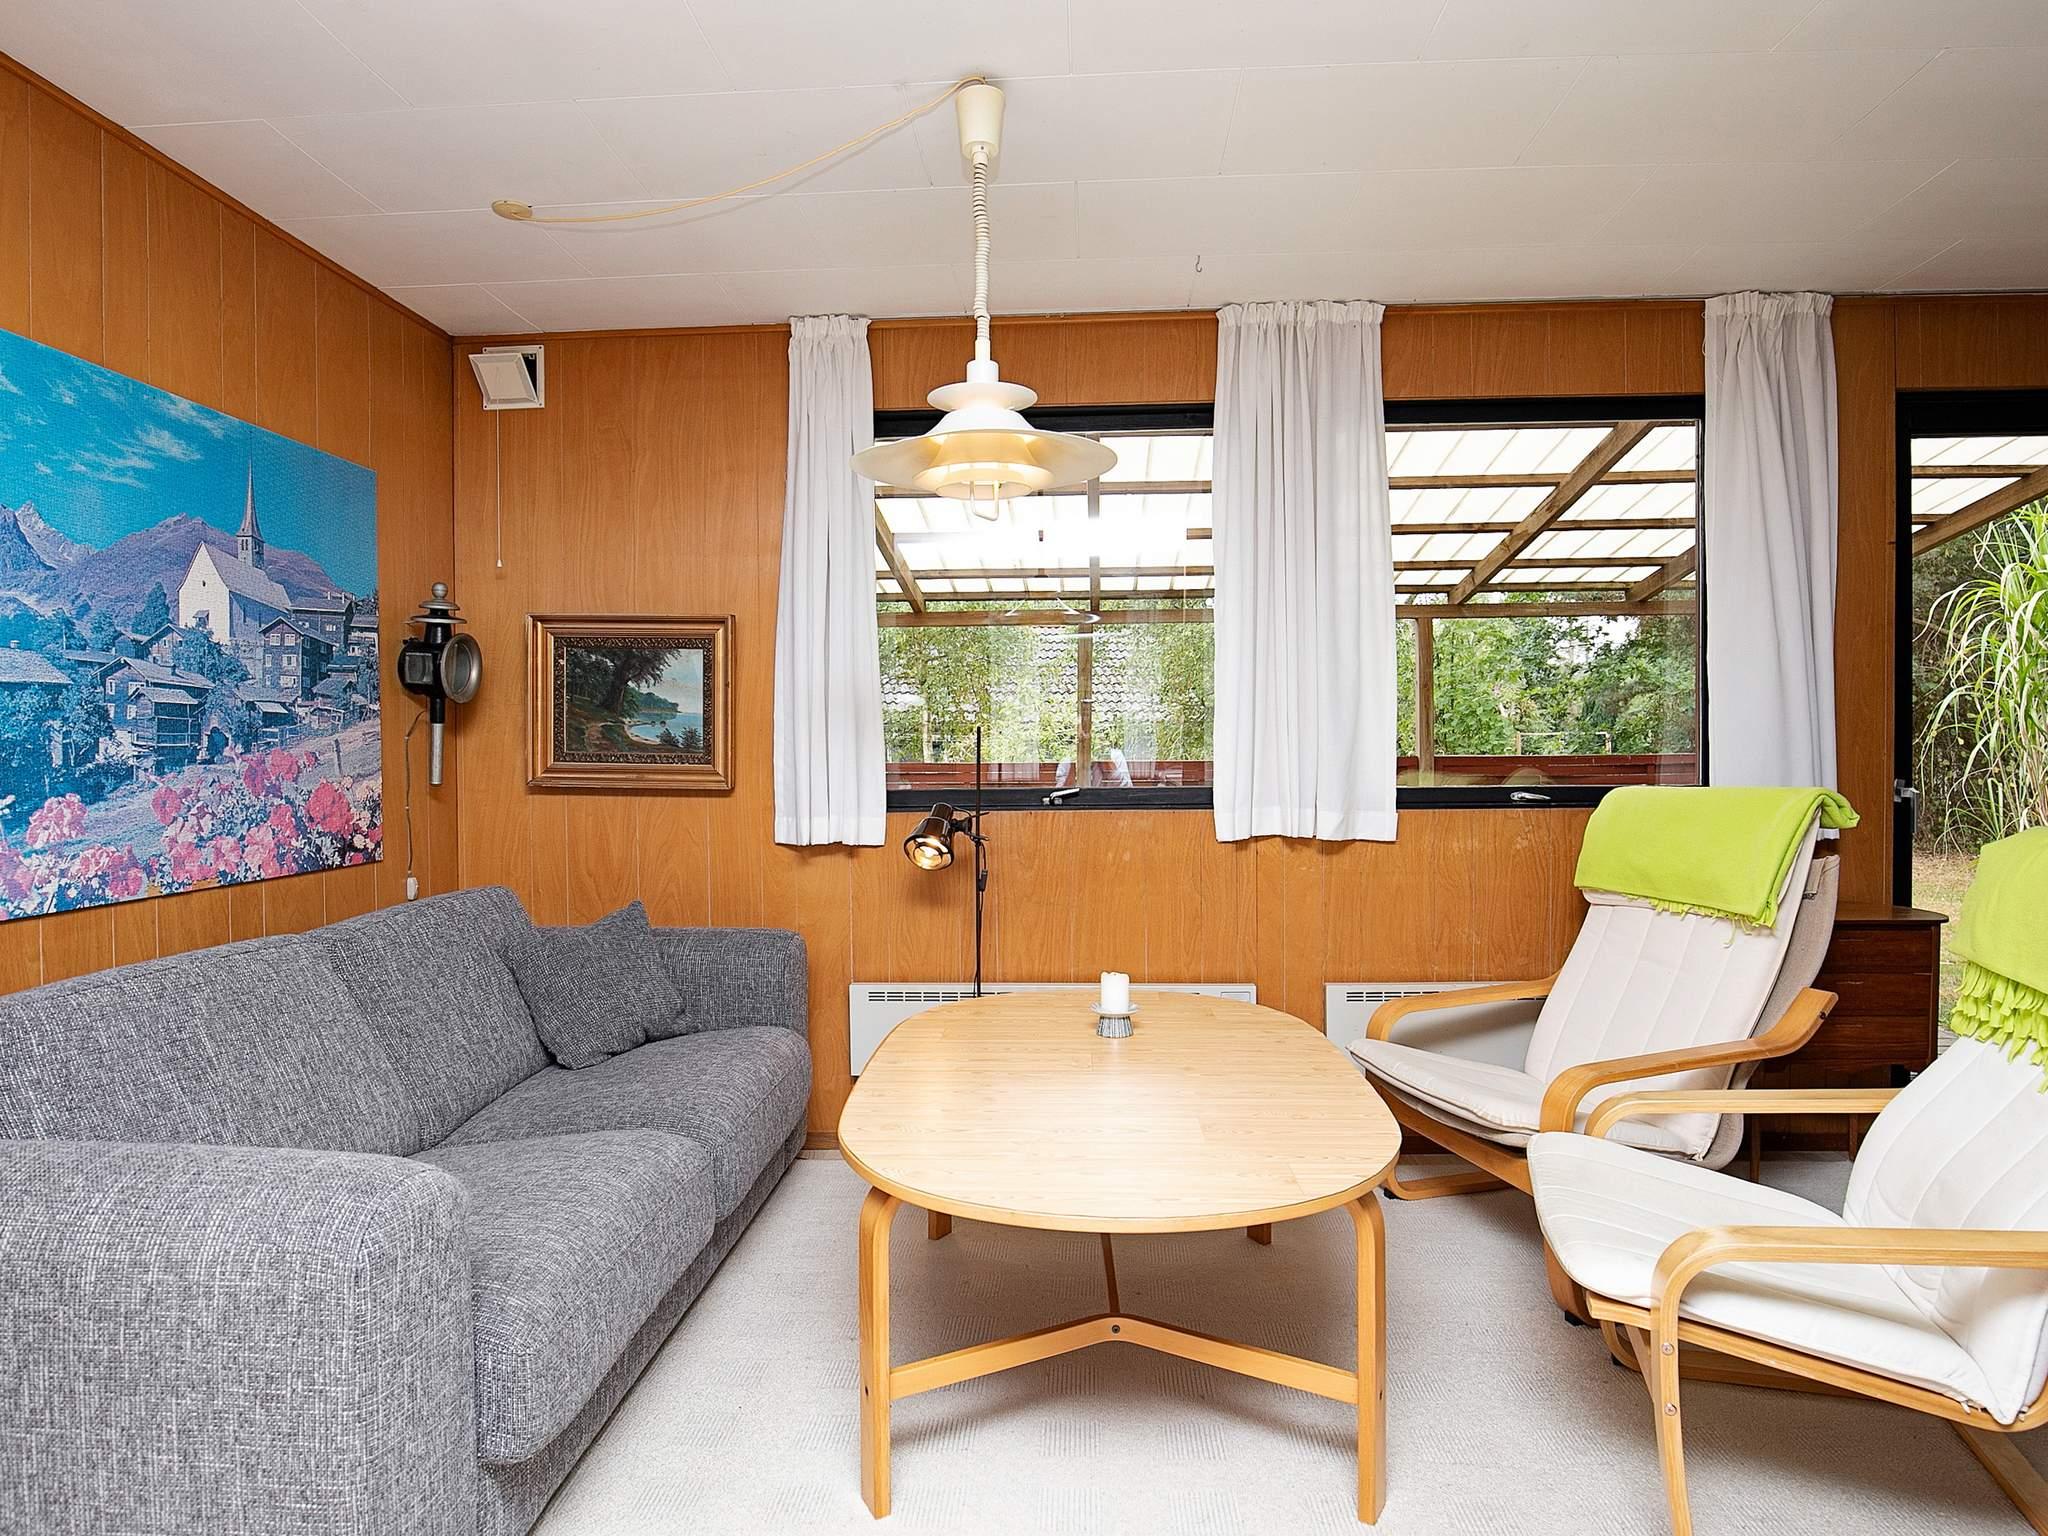 Ferienhaus Marielyst (87201), Marielyst, , Falster, Dänemark, Bild 5